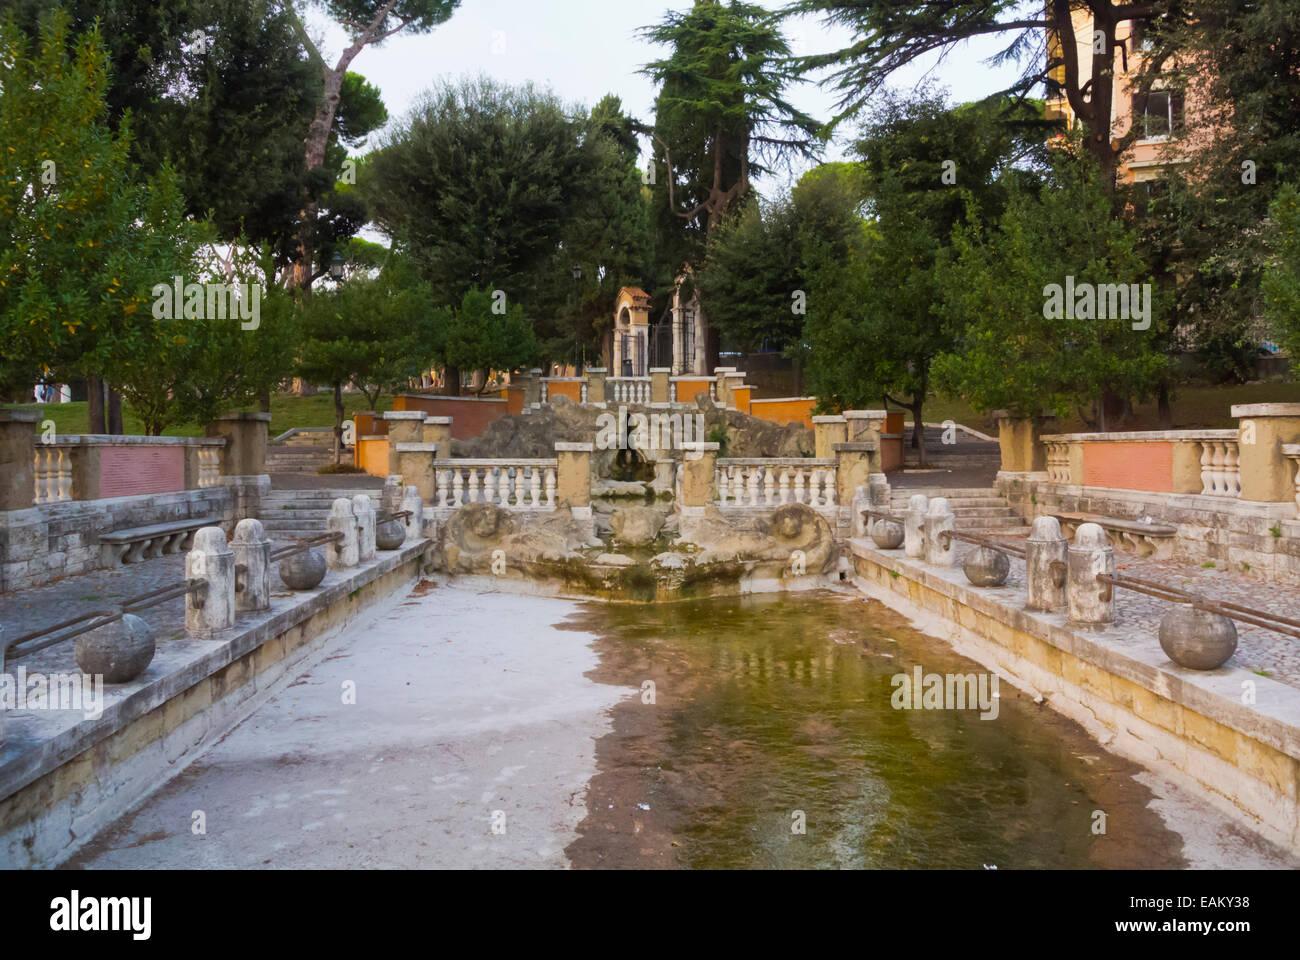 Terme di Traiano, Trajan's baths, Parco delle Colle Oppio, Monti district, Rome, Italy - Stock Image